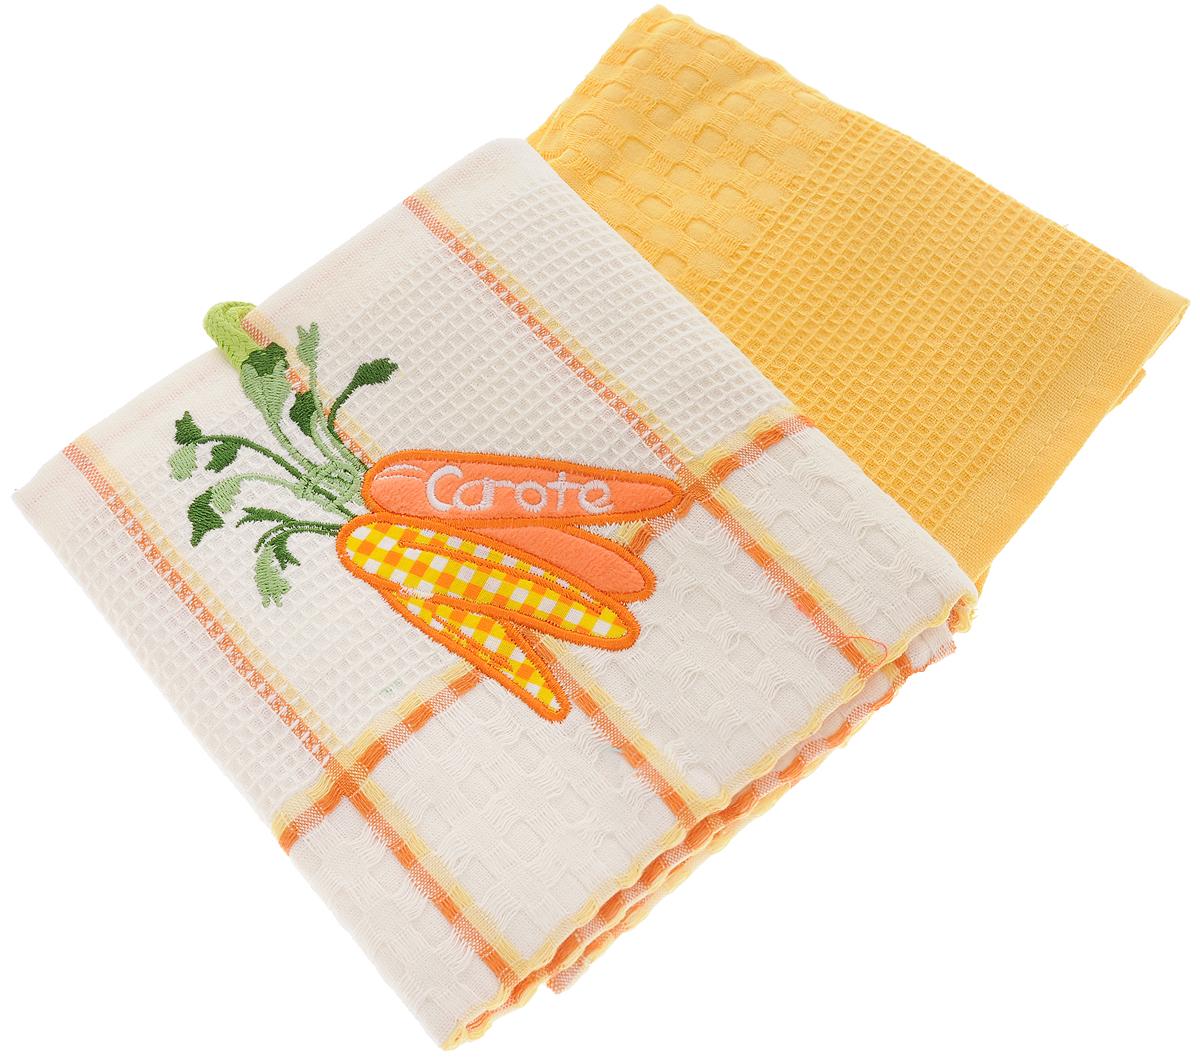 Набор кухонных полотенец Bonita Морковь, цвет: желтый, белый, 45 х 70 см, 2 шт101310055Набор кухонных полотенец Bonita Морковь состоит из двух полотенец, изготовленный из натурального хлопка, идеально дополнит интерьер вашей кухни и создаст атмосферу уюта и комфорта. Одно полотенце белого цвета в желтую клетку оформлено вышивкой в виде моркови и оснащено петелькой. Другое полотенце однотонное желтого цвета без вышивки. Изделия выполнены из натурального материала, поэтому являются экологически чистыми. Высочайшее качество материала гарантирует безопасность не только взрослых, но и самых маленьких членов семьи. Современный декоративный текстиль для дома должен быть экологически чистым продуктом и отличаться ярким и современным дизайном.